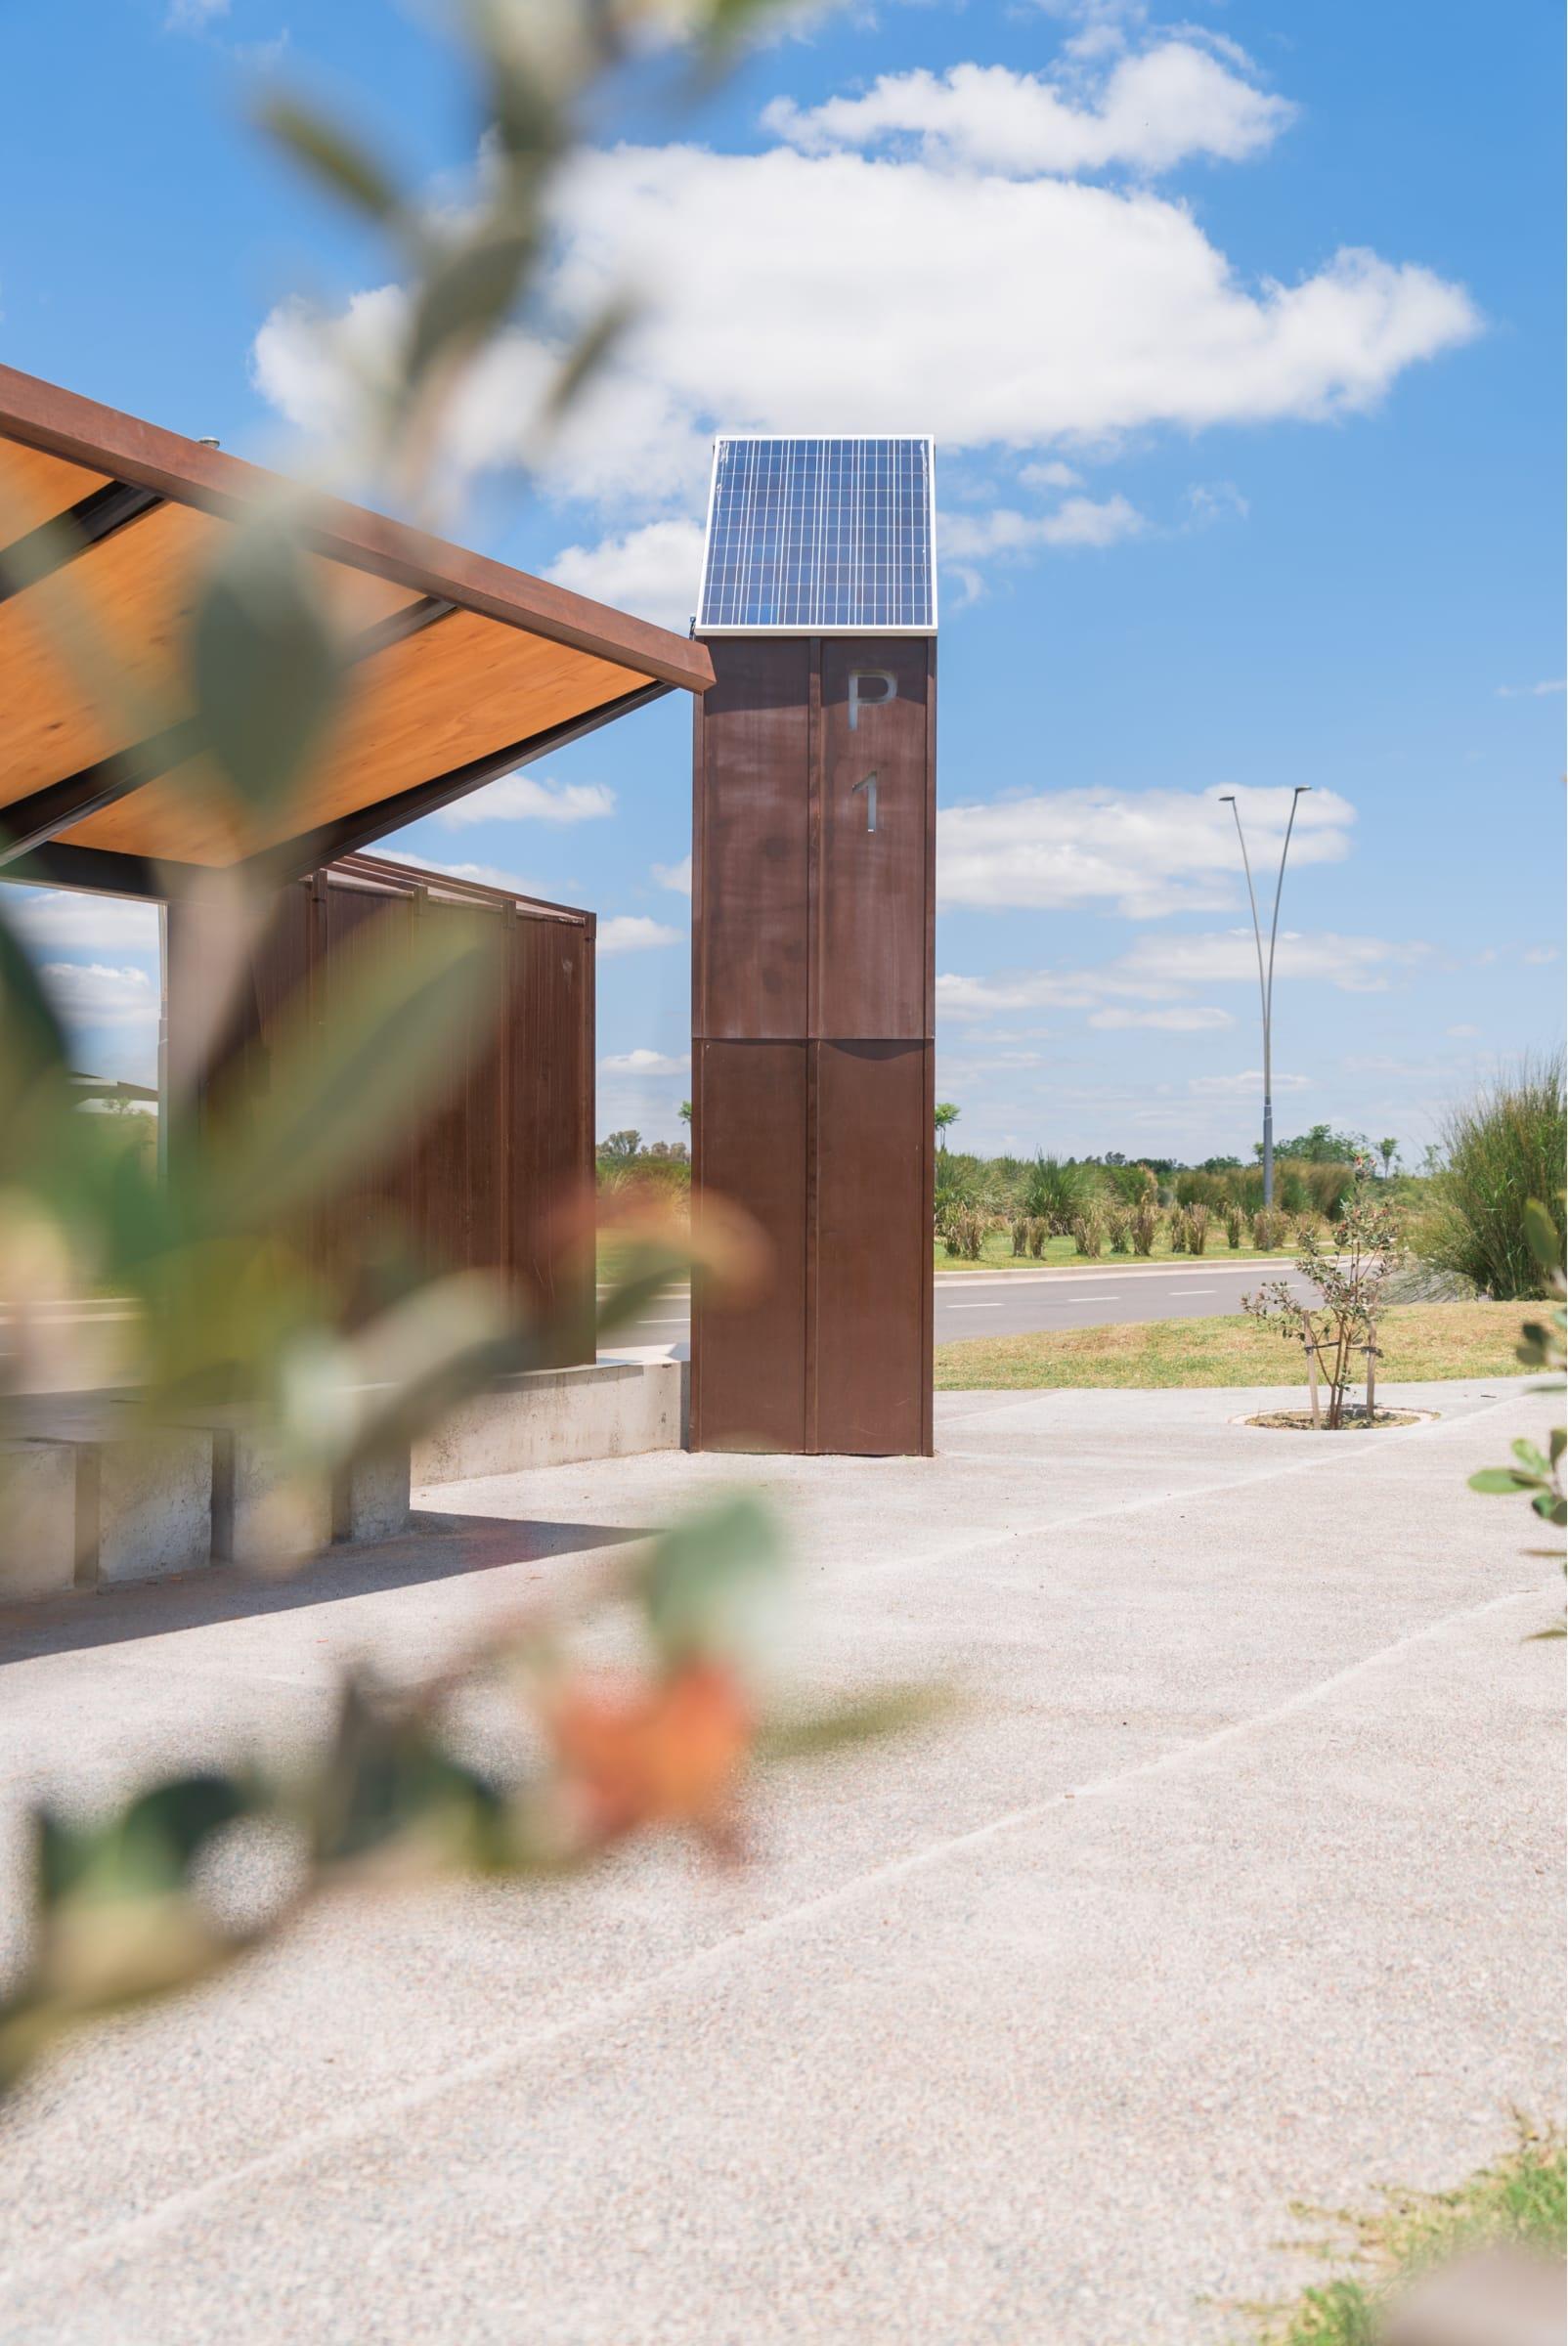 Puertos cuenta con paneles fotovoltaícos para generar electricidad.